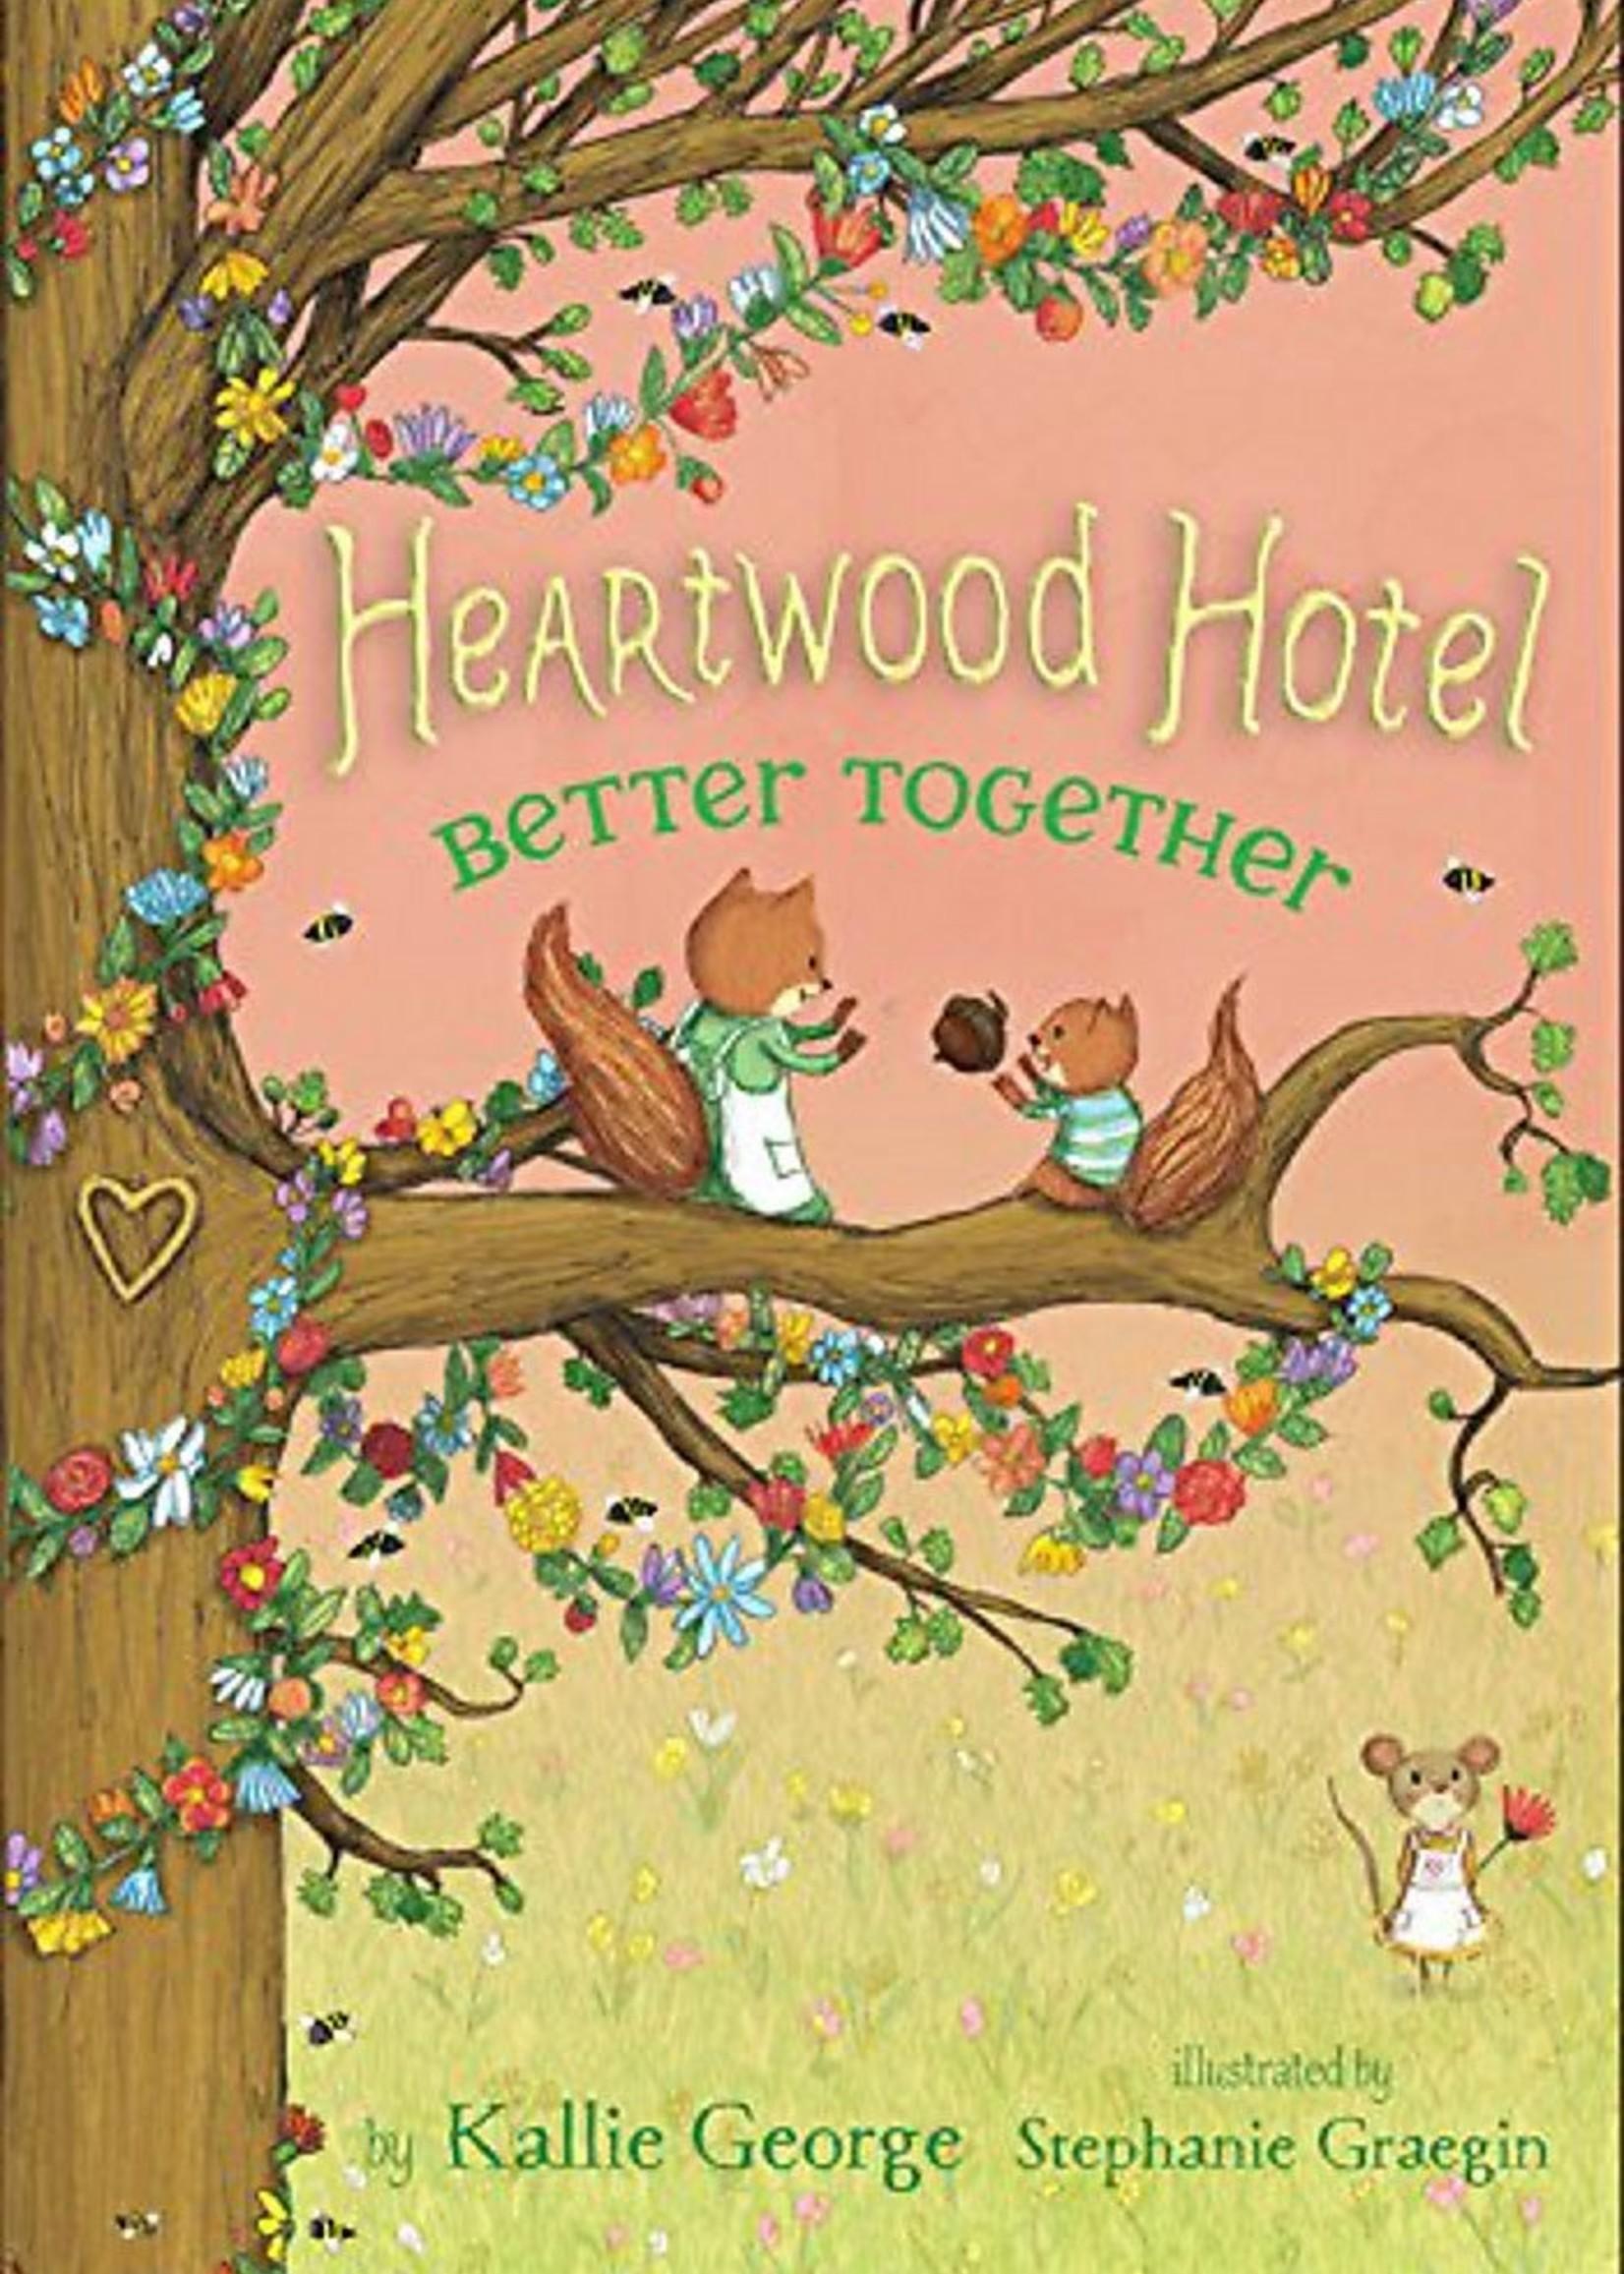 Heartwood Hotel #03, Better Together - Paperback